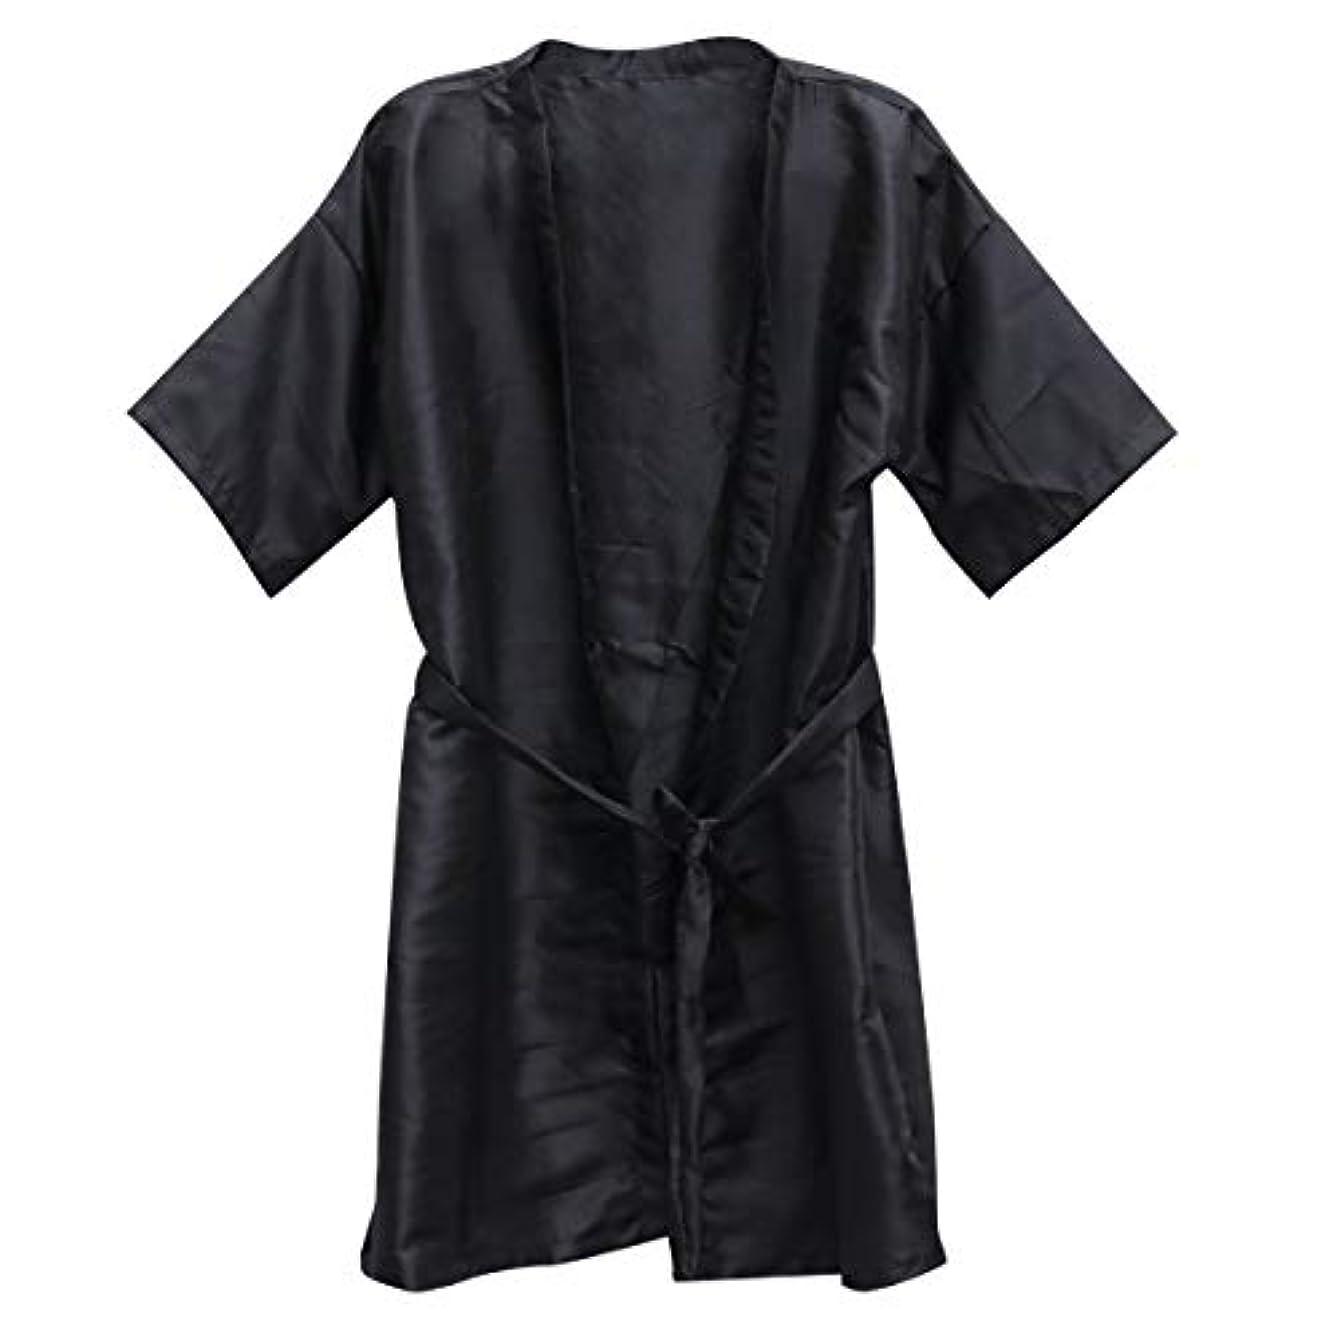 識別プラカード泥Frcolor 美容院ケープ 理髪エプロン ヘア染めスーツ (ブラック)